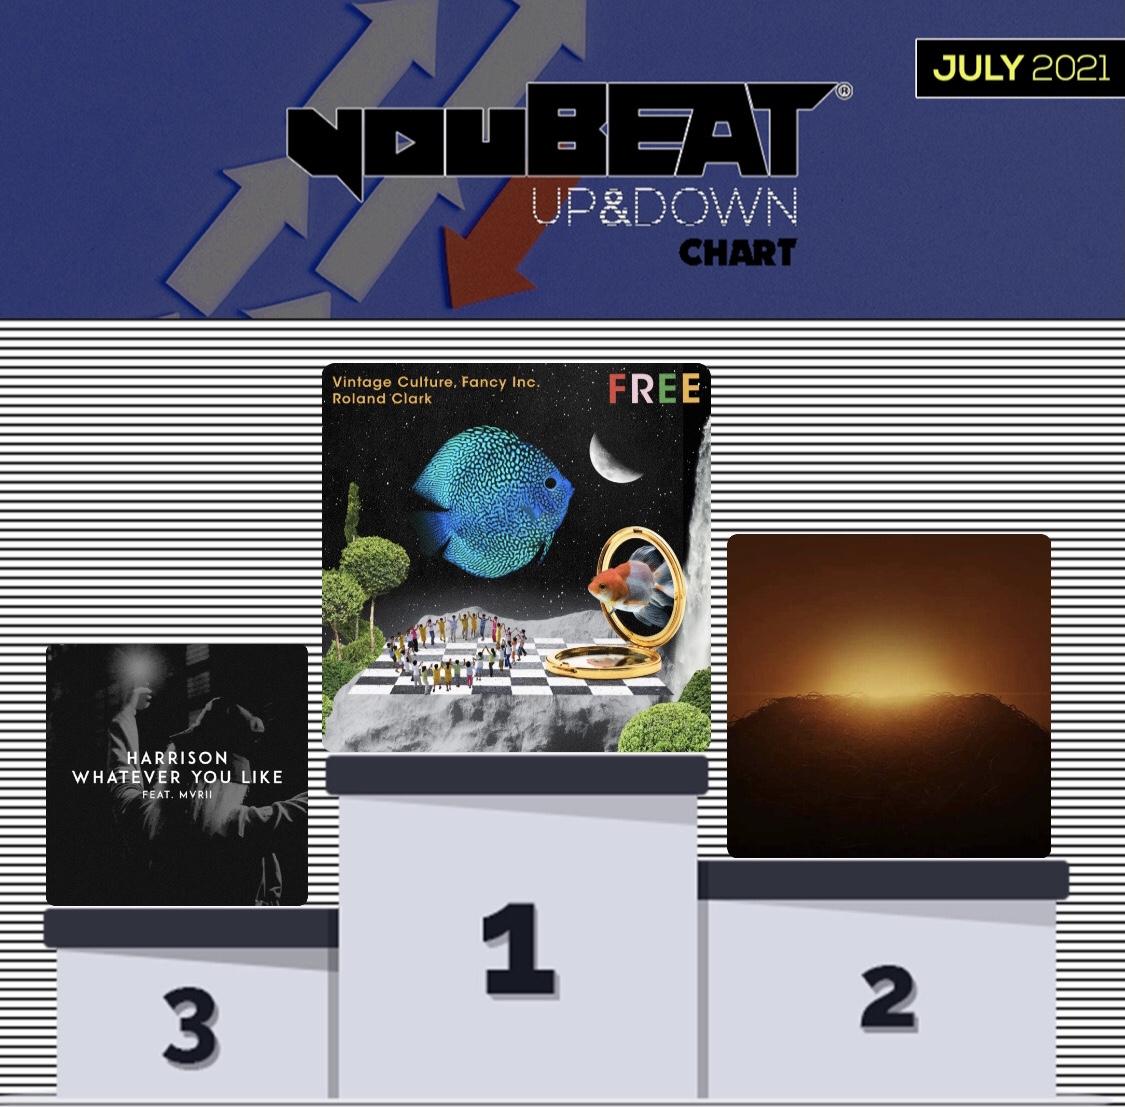 youBEAT UP&DOWN Chart - July 2021 Podium